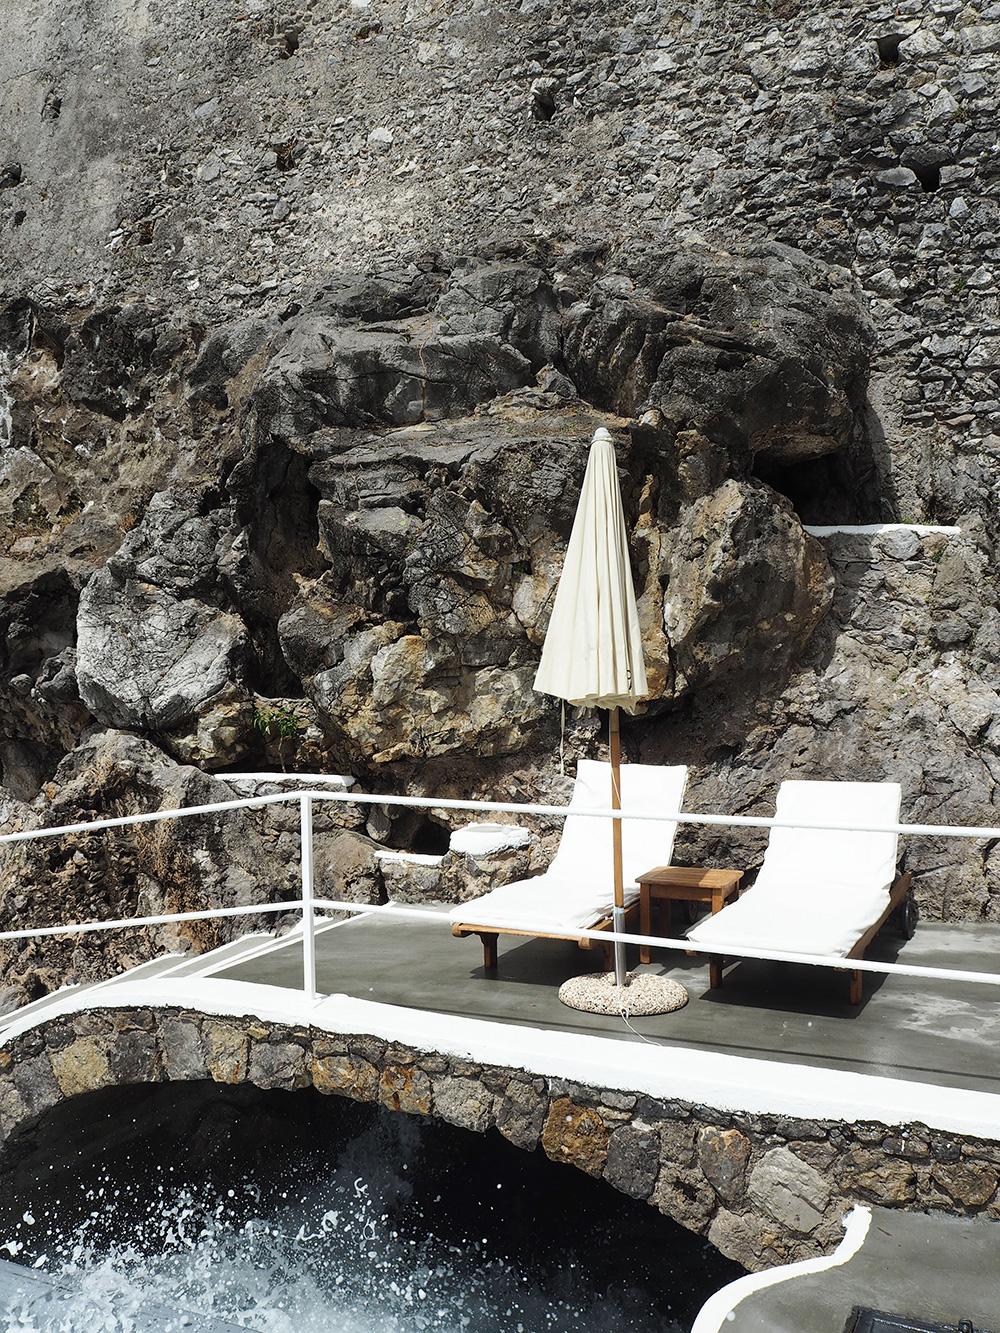 RosyCheeks-Hotel-Santa-Caterina-rocks